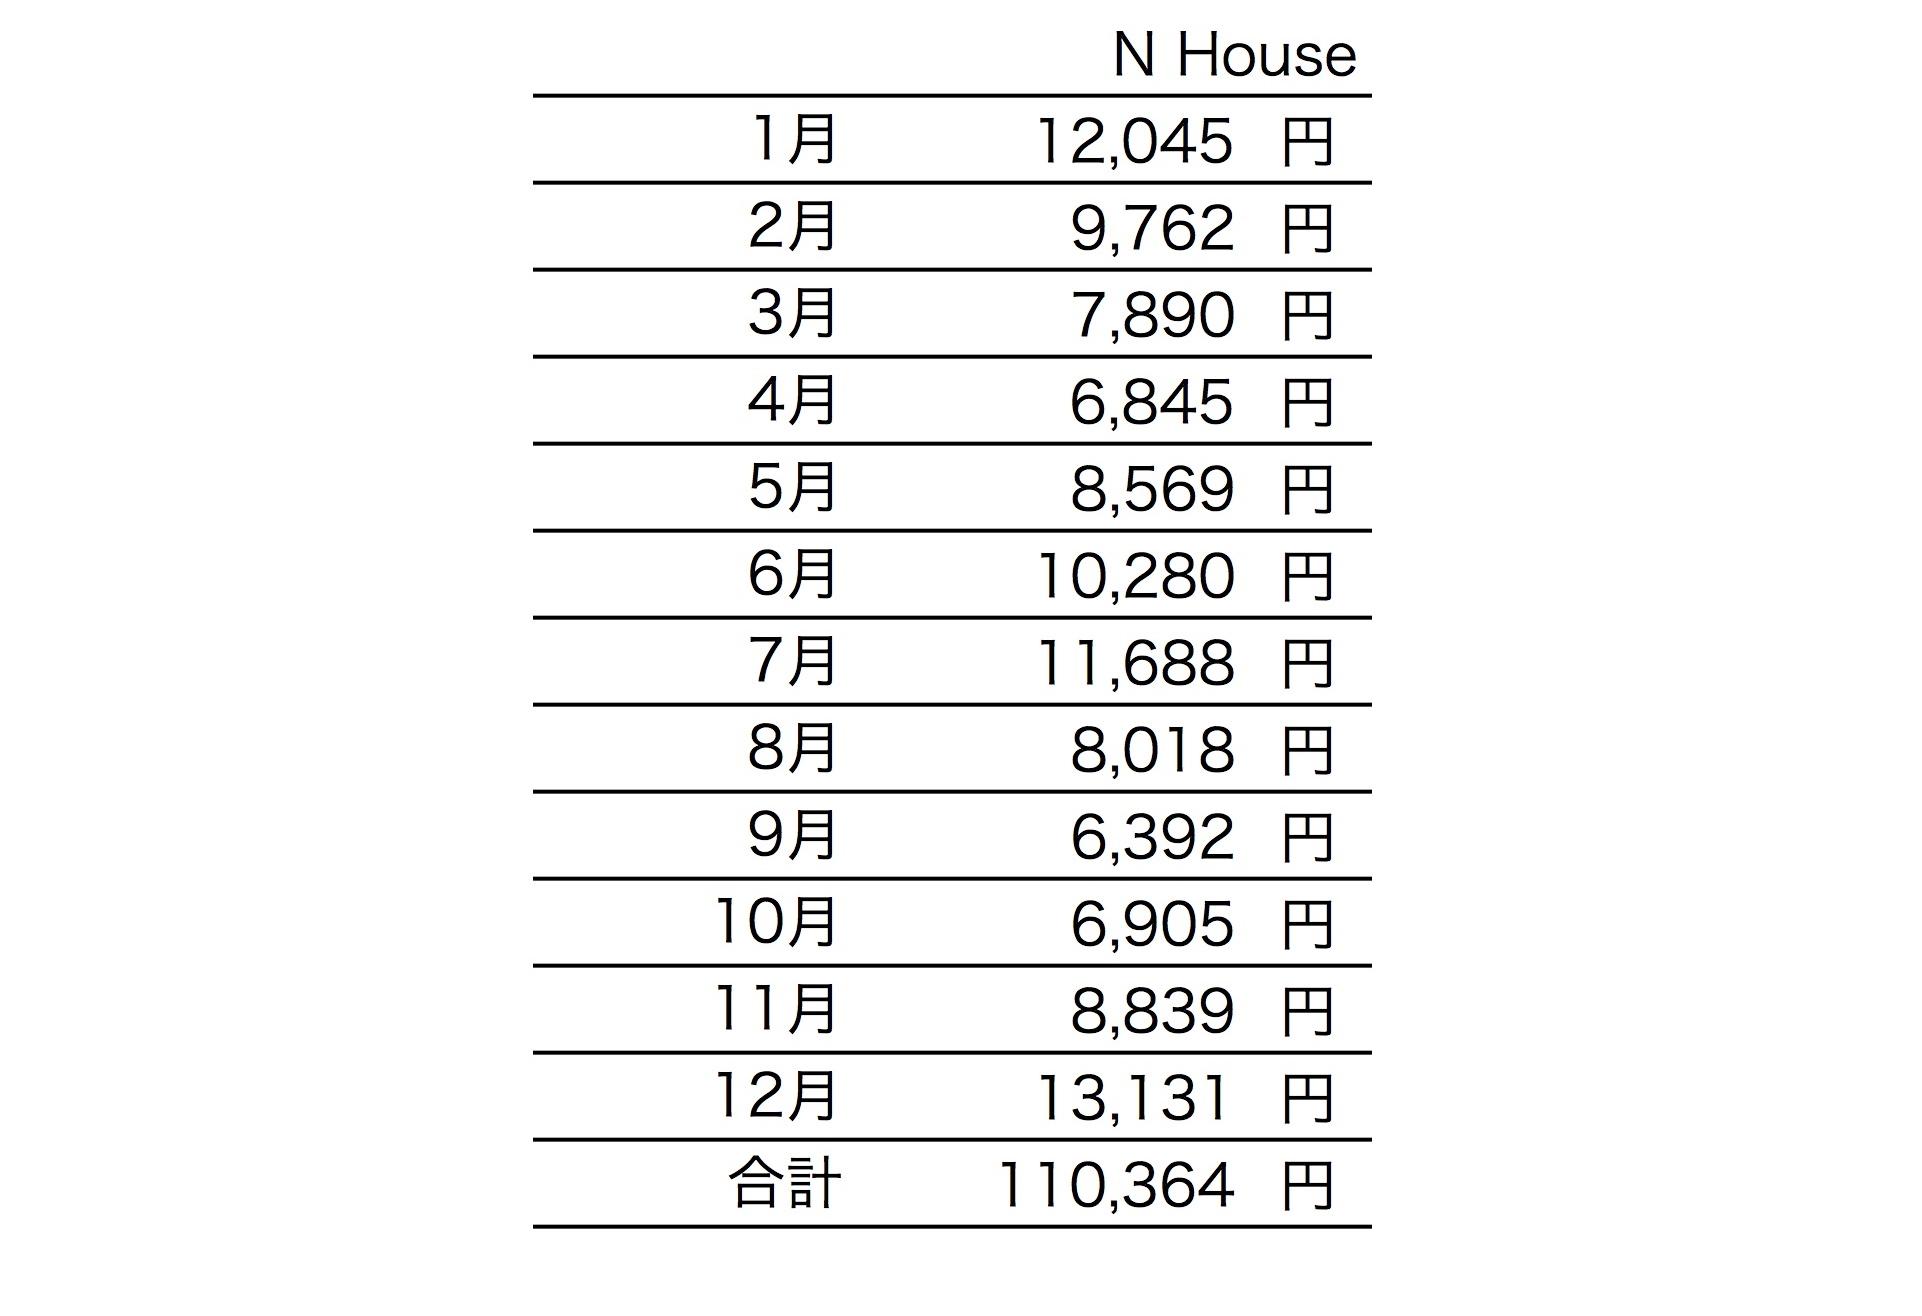 セミオーダー [ N House ] 1年間の光熱費の報告がありました!_f0165030_18080279.jpg